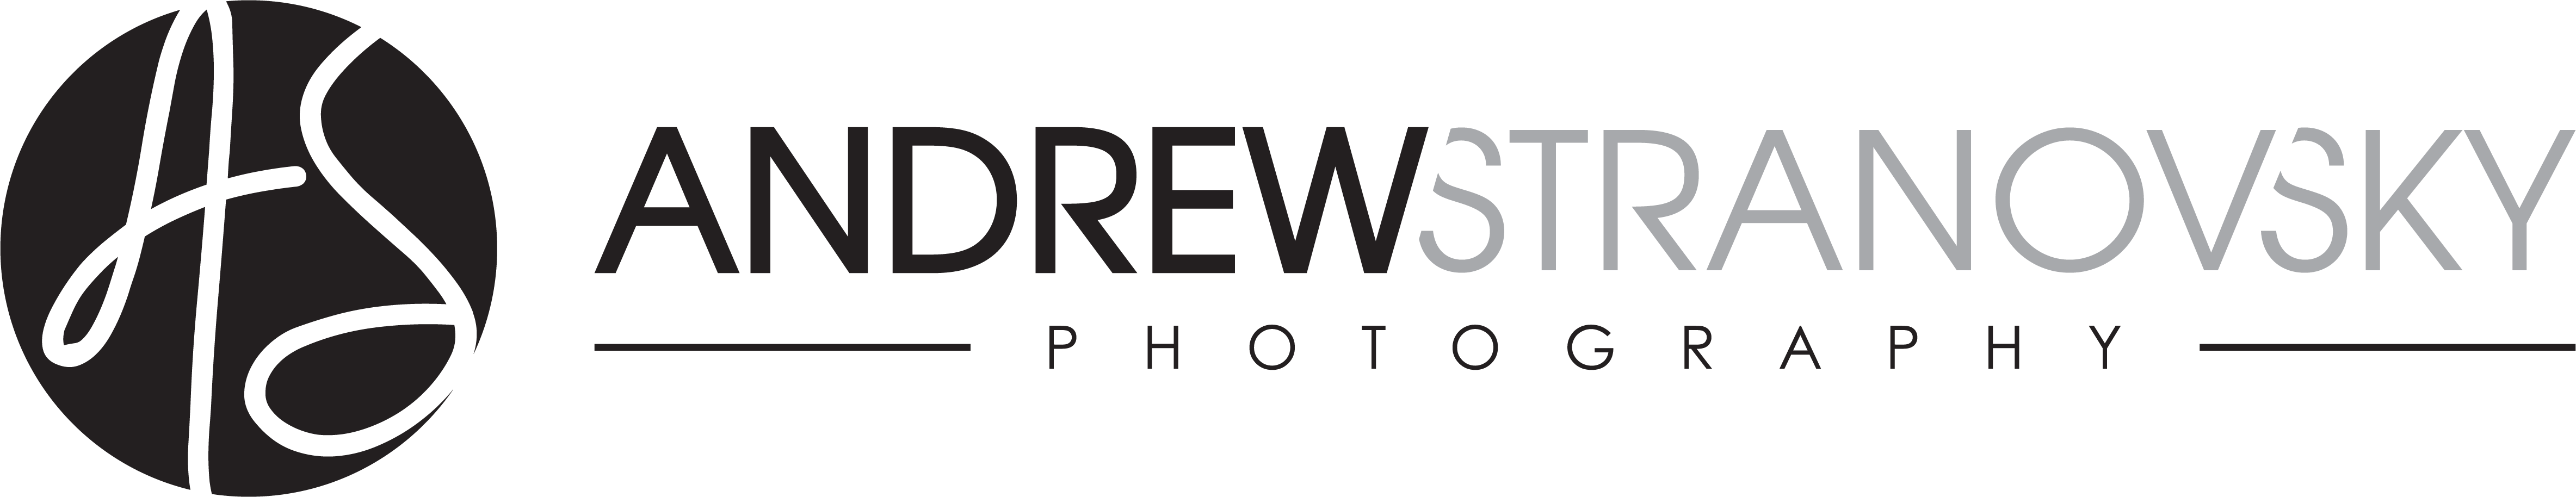 Andrew Stranovsky Photography